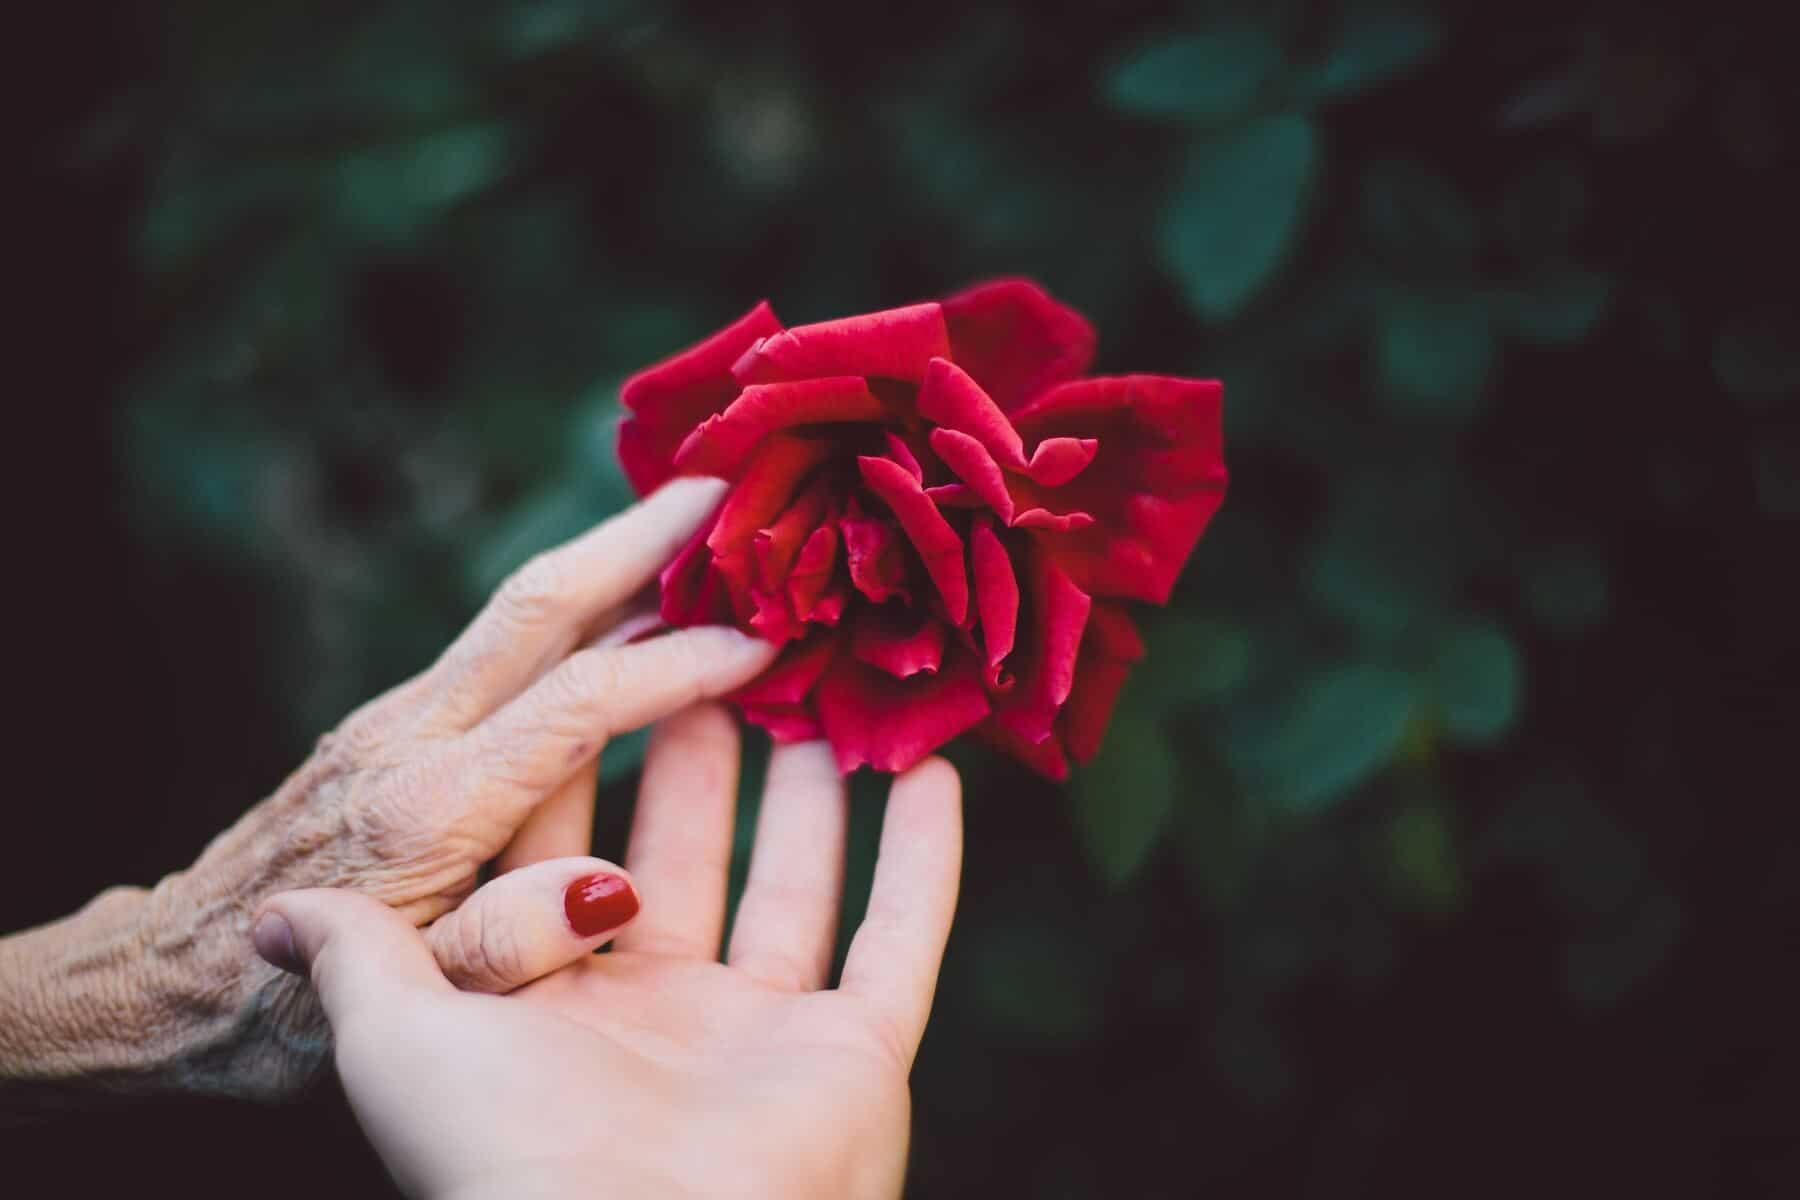 deux mains vieille et jeune rose